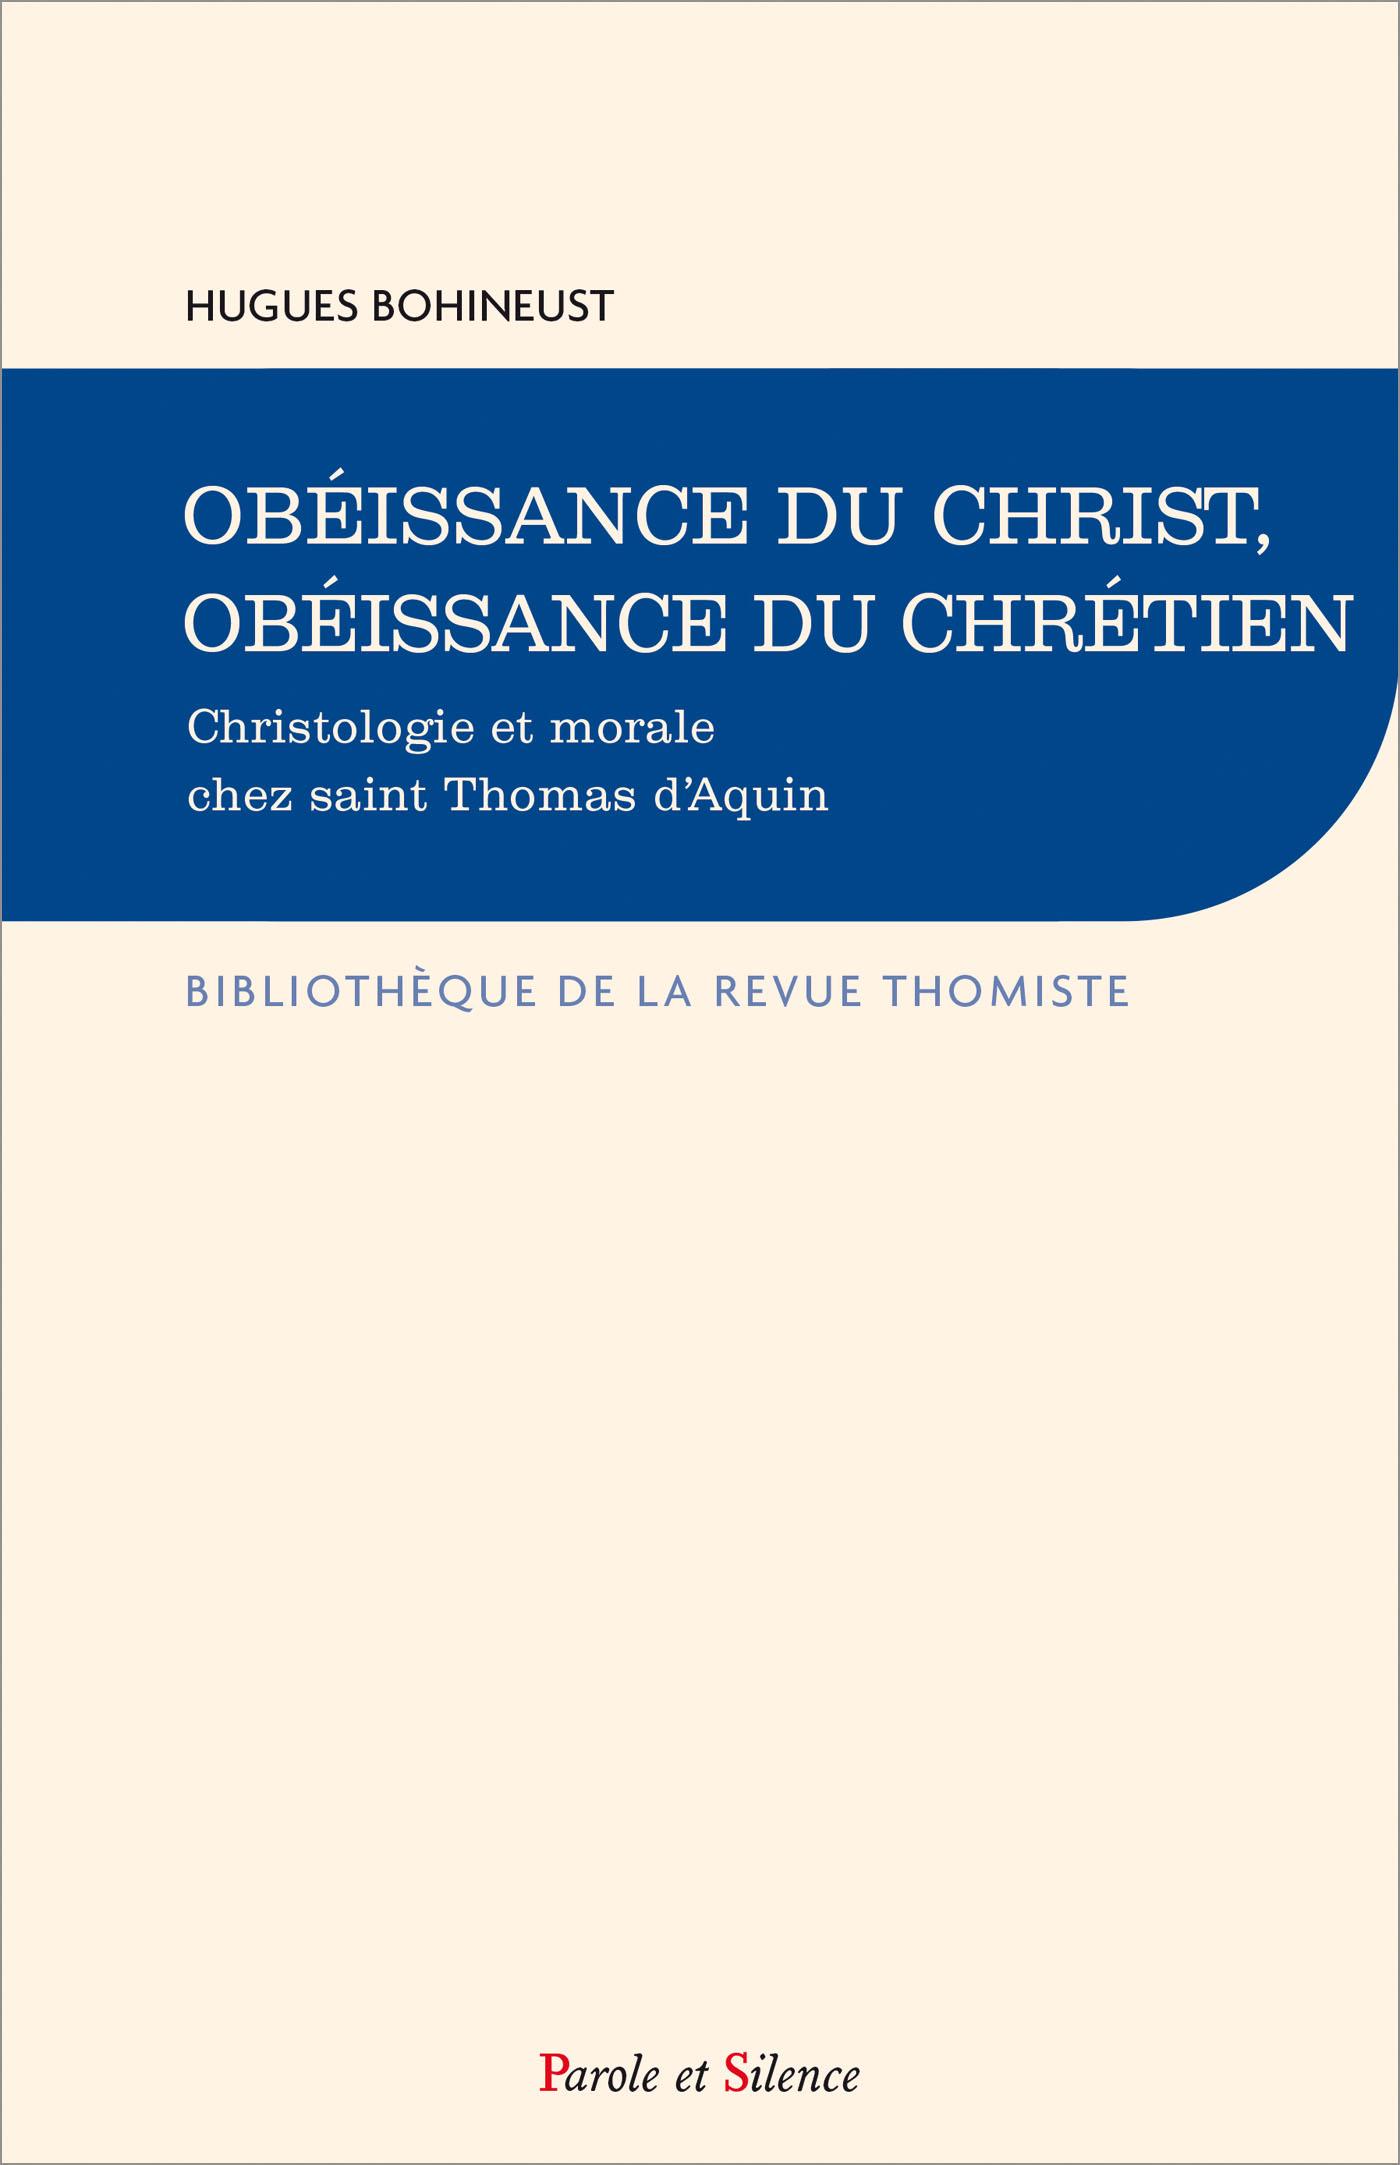 Obéissance du Christ, obéissance du chrétien